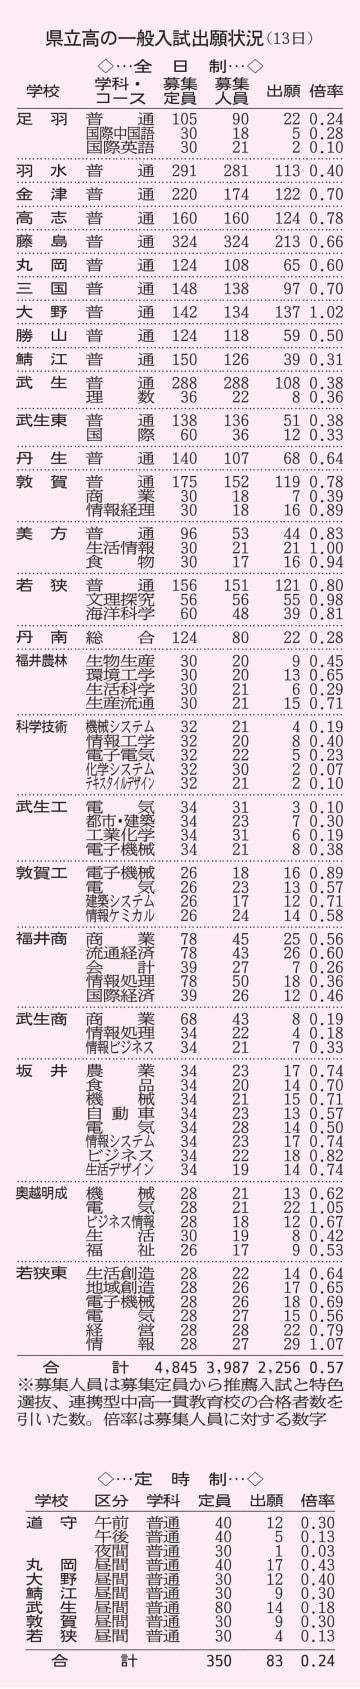 福井県立高校の一般入試出願状況(2月13日)